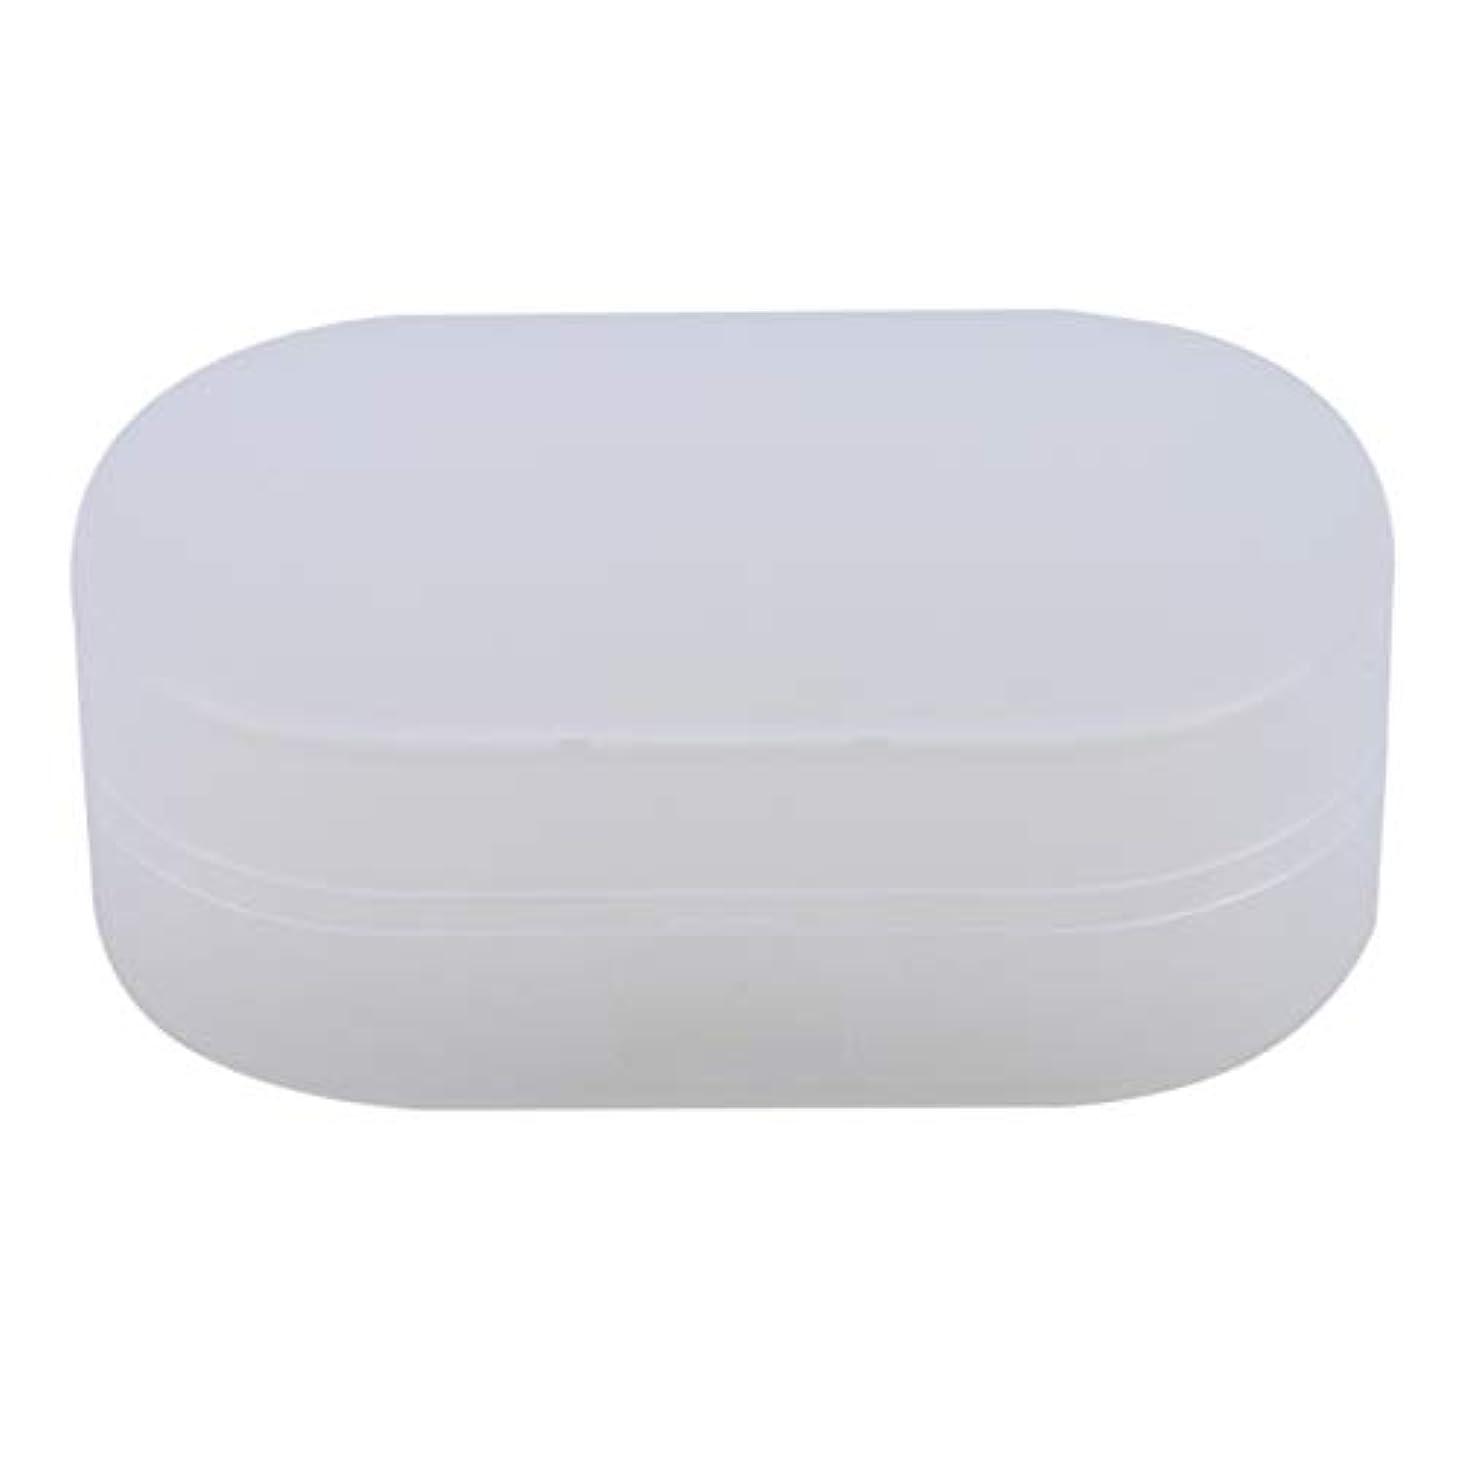 避けられないジョグ幹ZALINGソープボックスホルダーソープディッシュソープセーバーケースコンテナ用バスルームキャンプホワイト